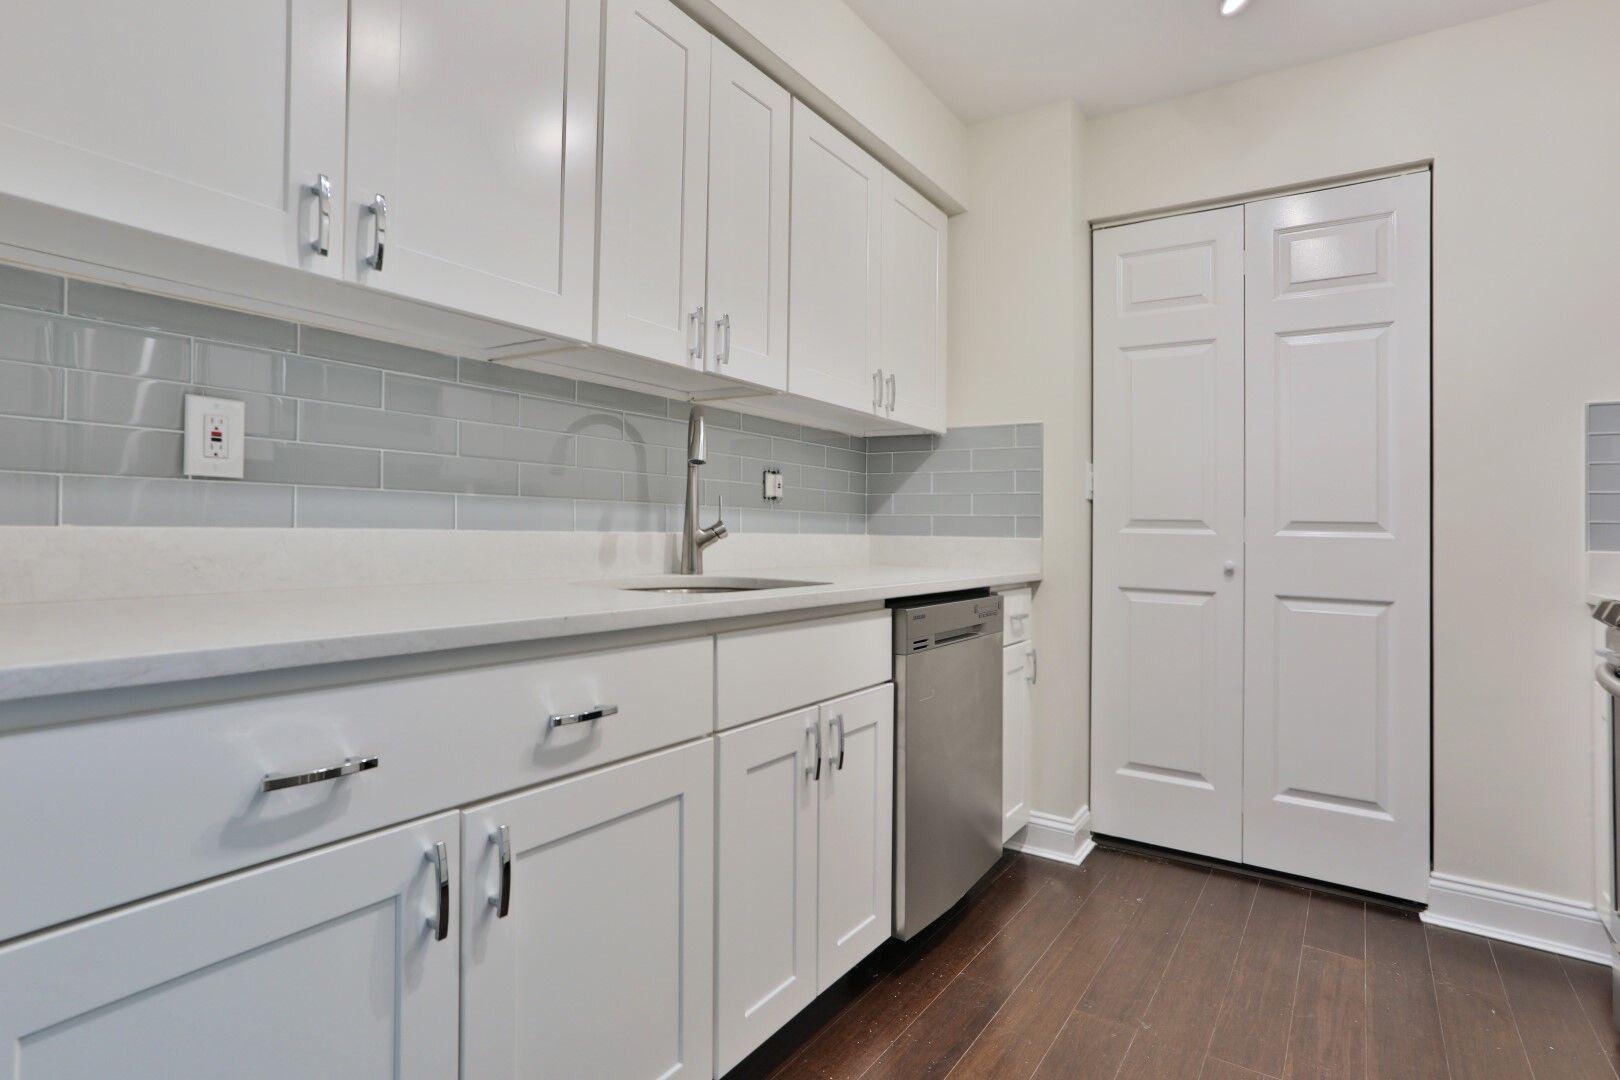 16 harcourt kitchen 2-3.JPG